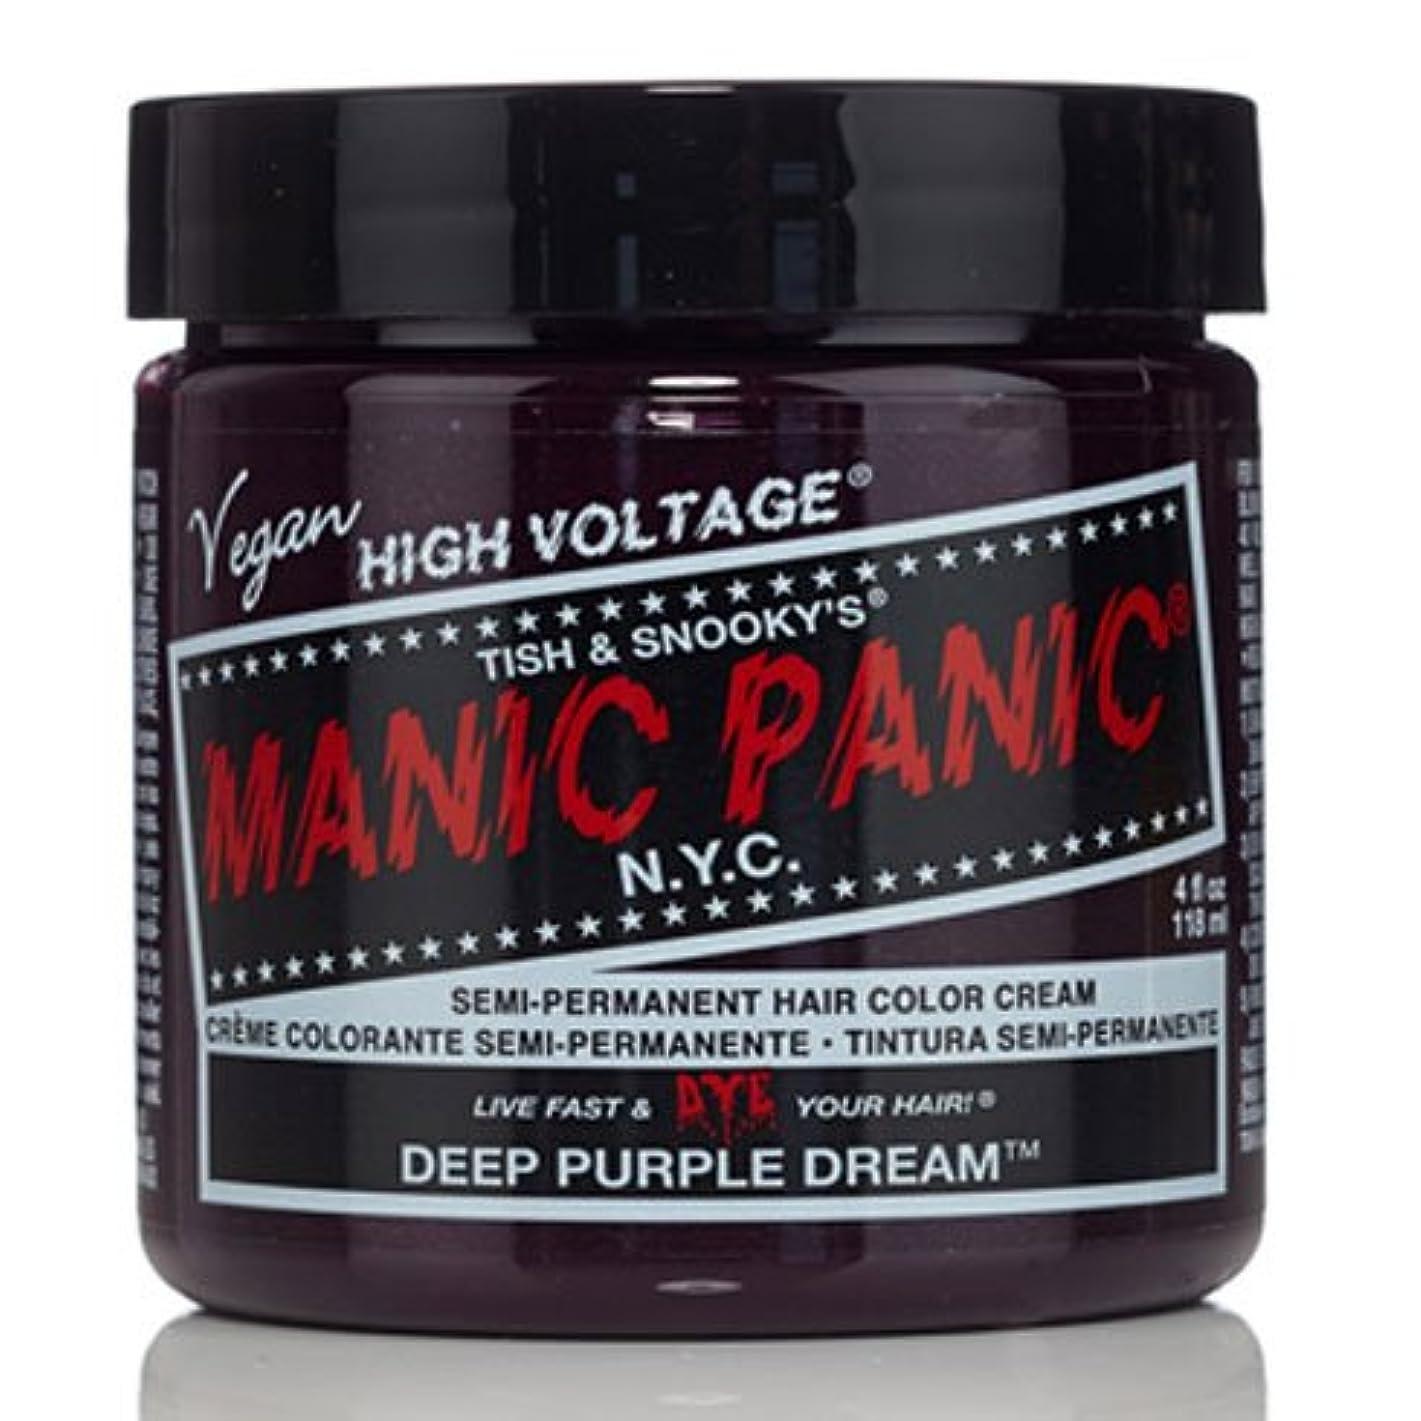 風景解決チャールズキージングスペシャルセットMANIC PANICマニックパニック:DEEP PURPLE DREAM (ディープパープルドリーム)+ヘアカラーケア4点セット